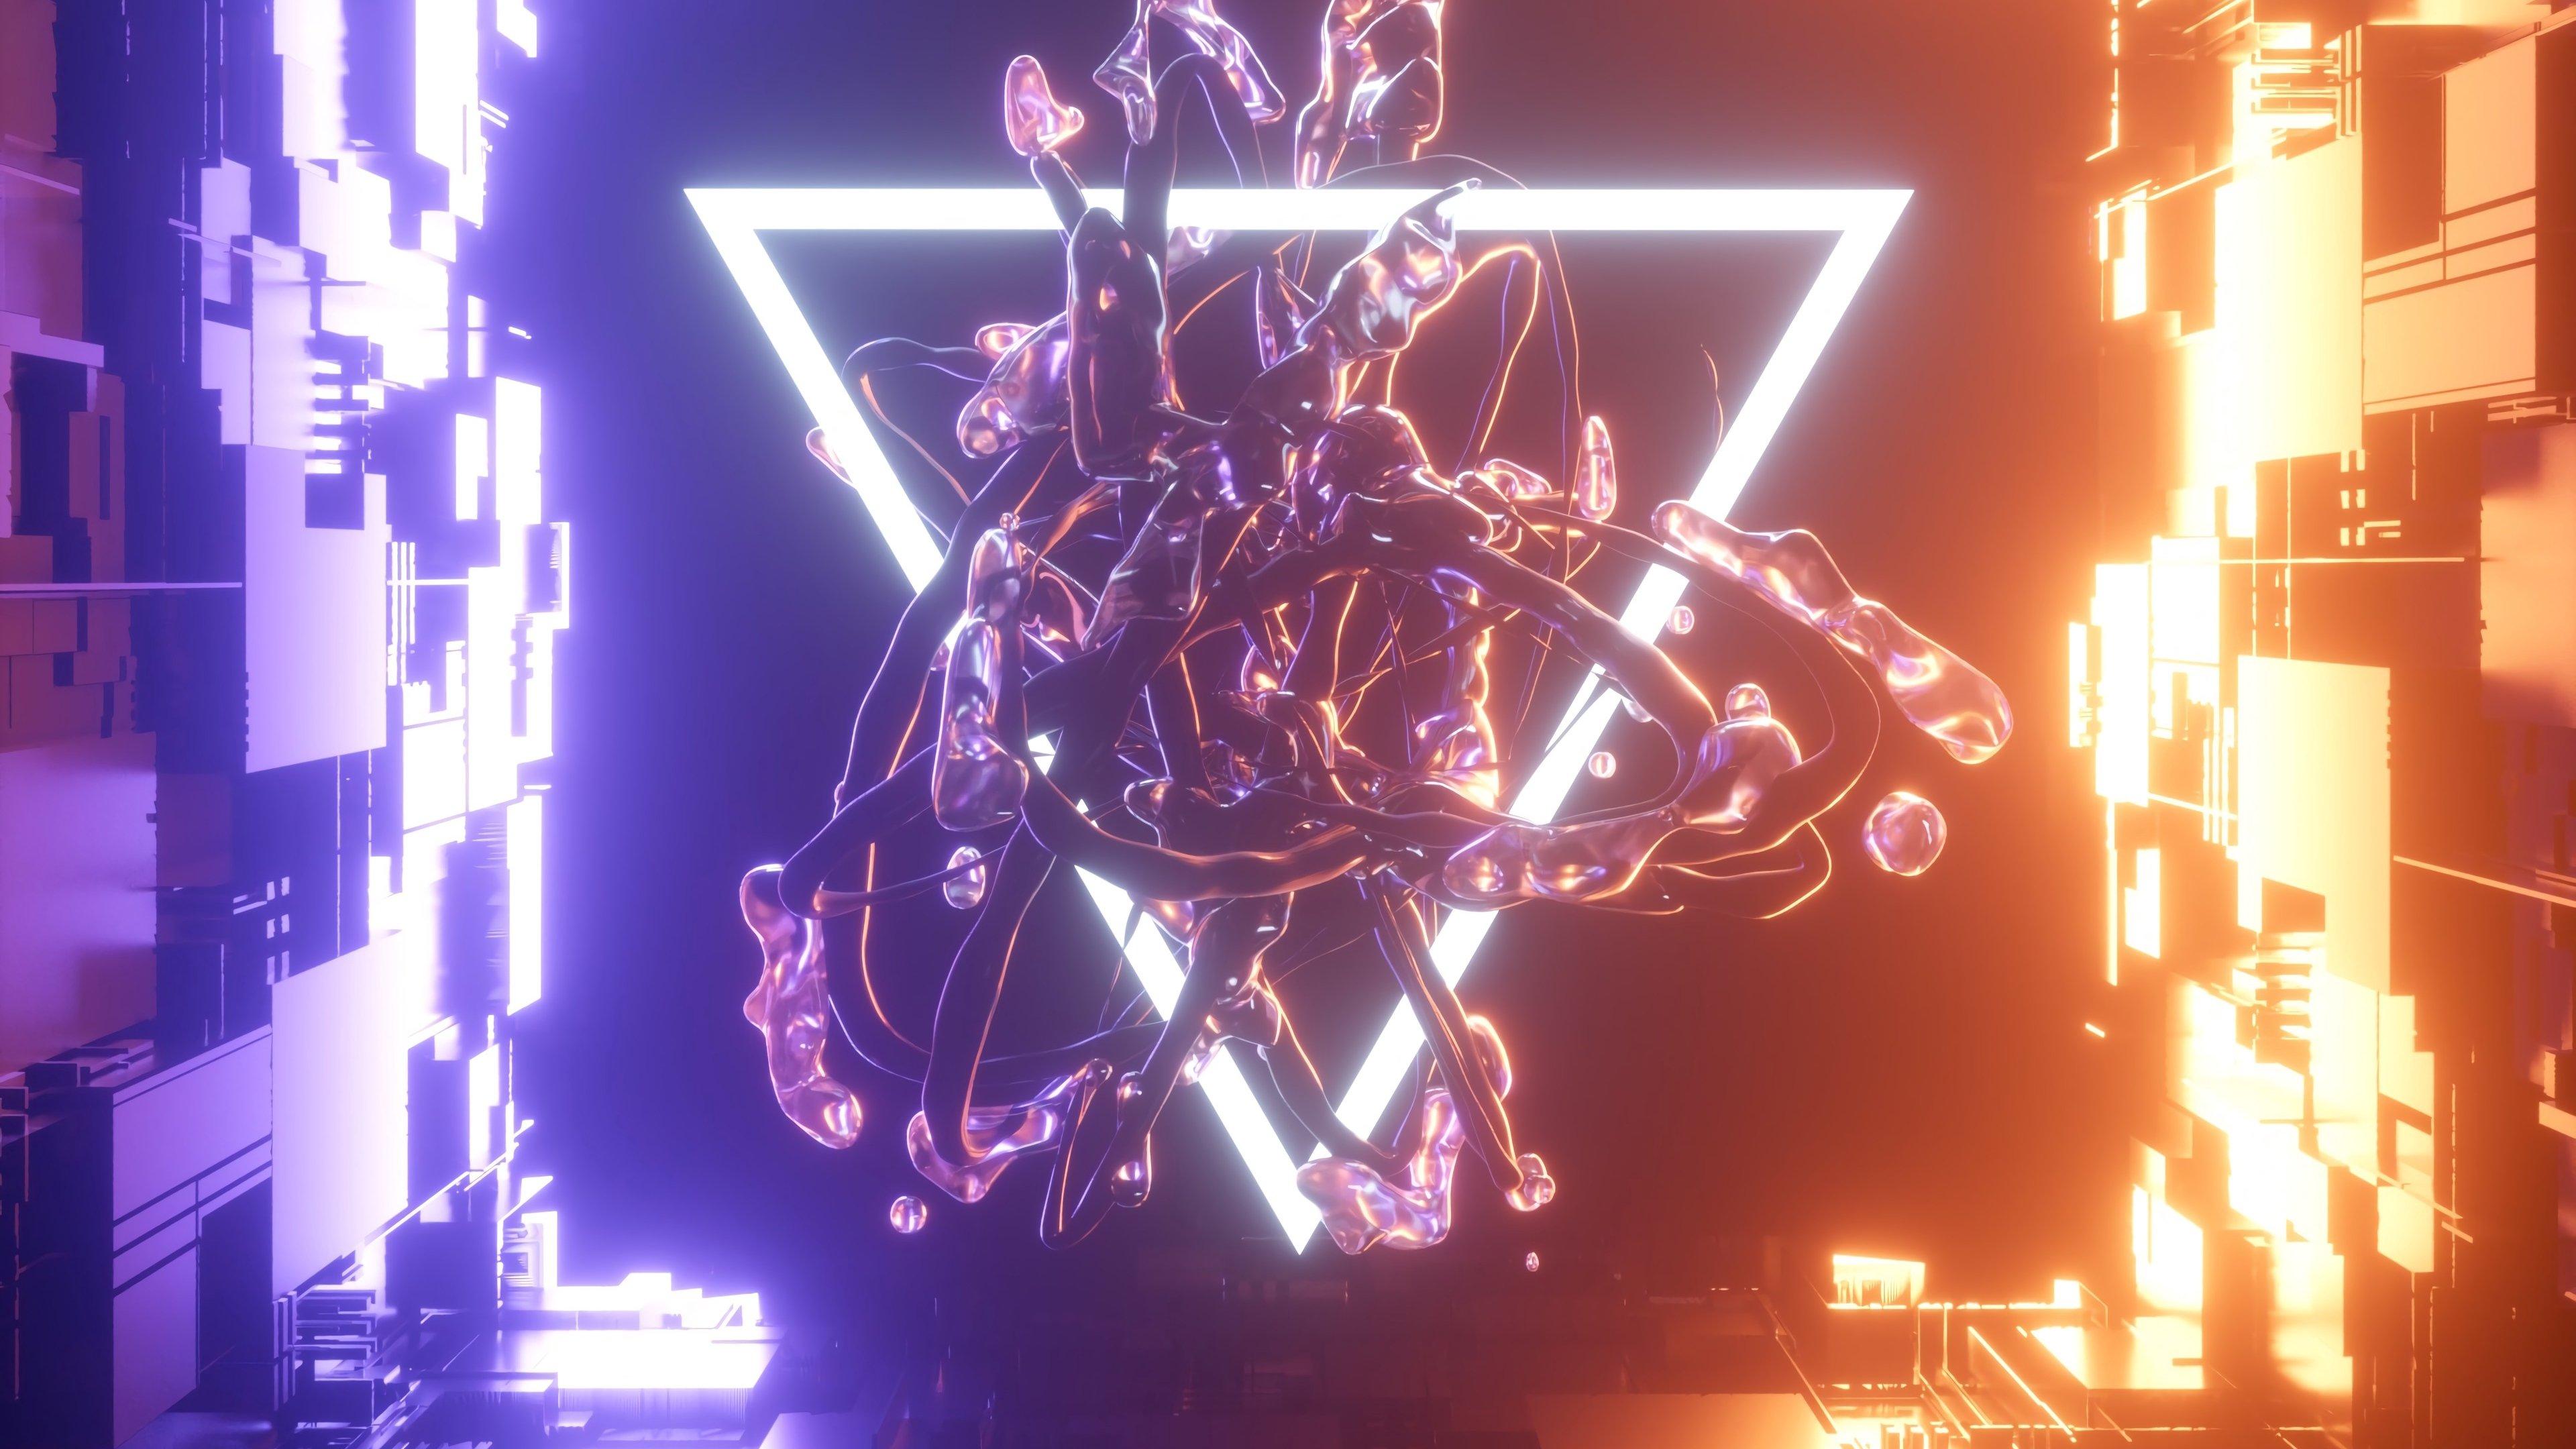 Fondos de pantalla 3d Abstracto luz neón triangulo